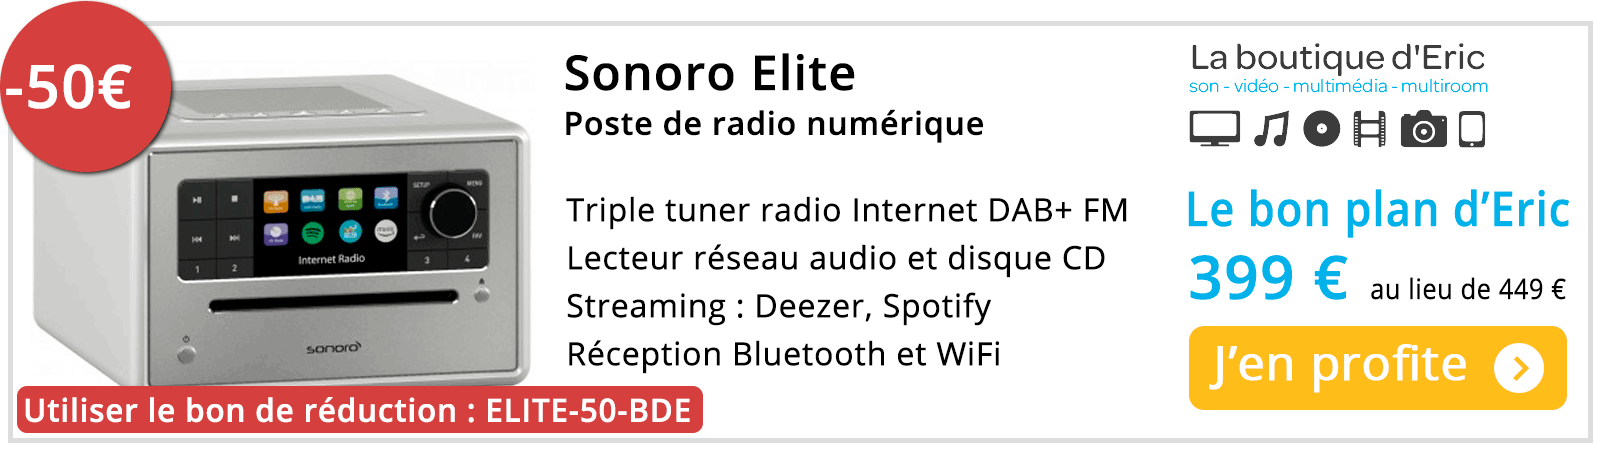 Poste de radio avec lecteur CD - Sonoro Elite - Meilleur prix sur La boutique d'Eric